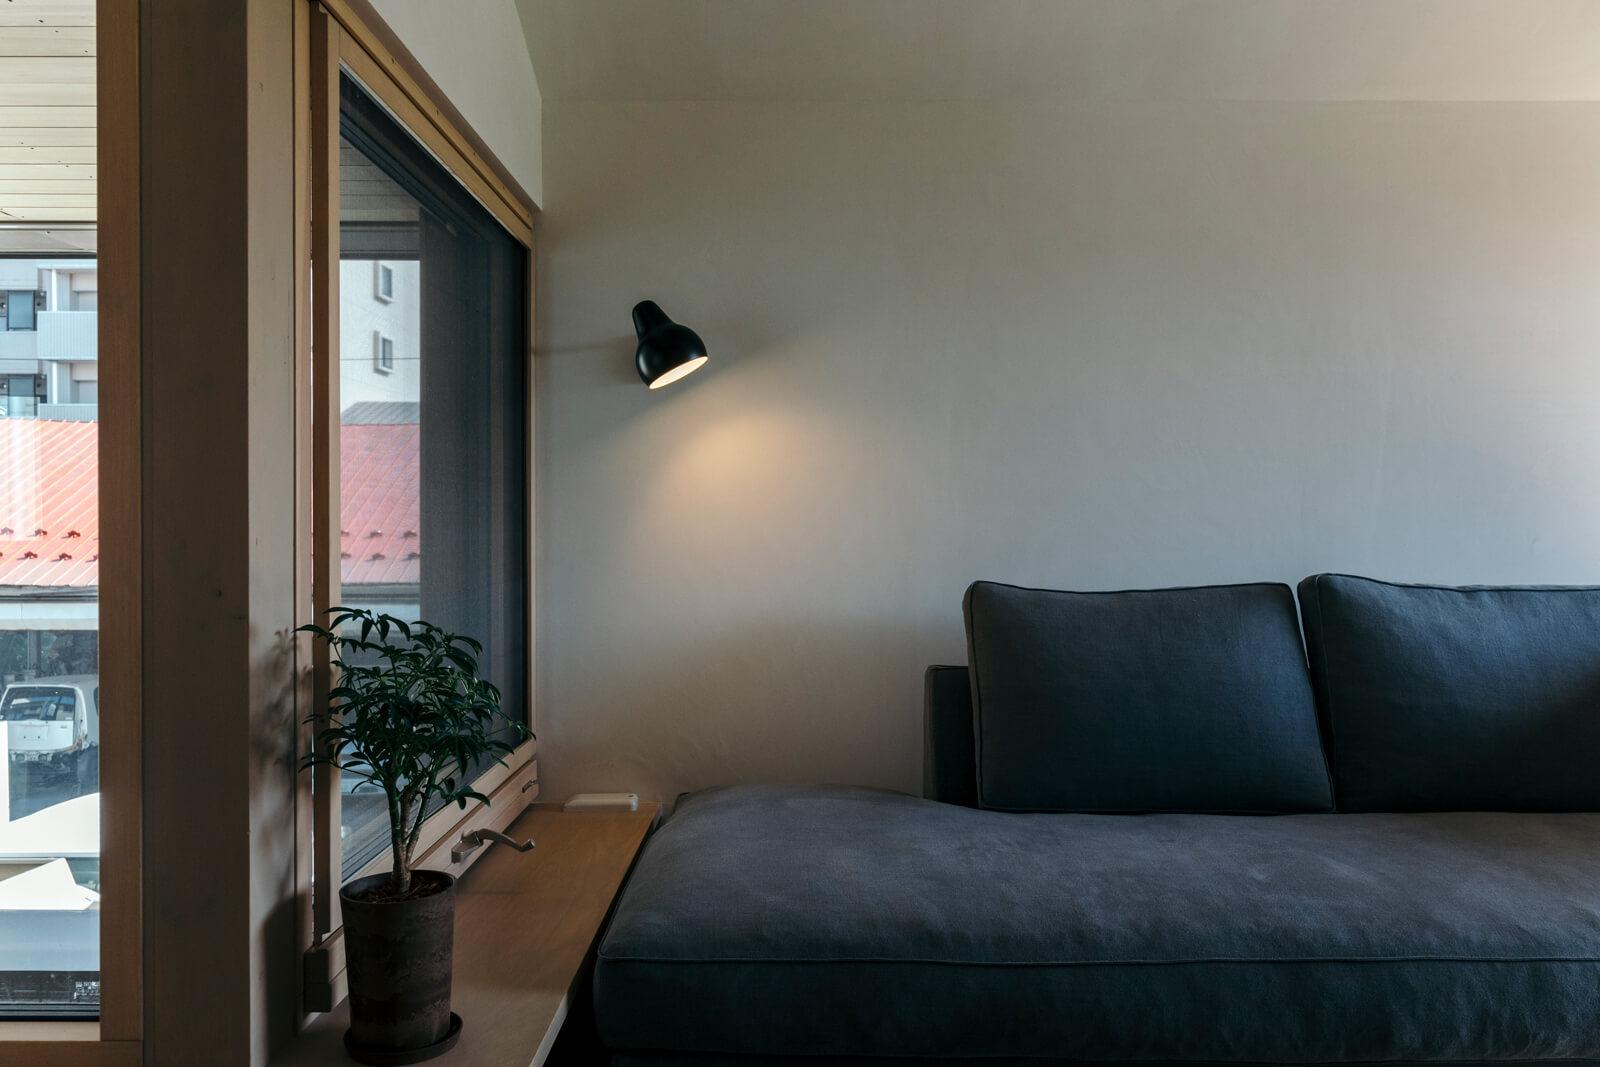 白壁と木窓とリネンのソファの組み合わせが美しい。読書を楽しめるようスポットライトを設けた